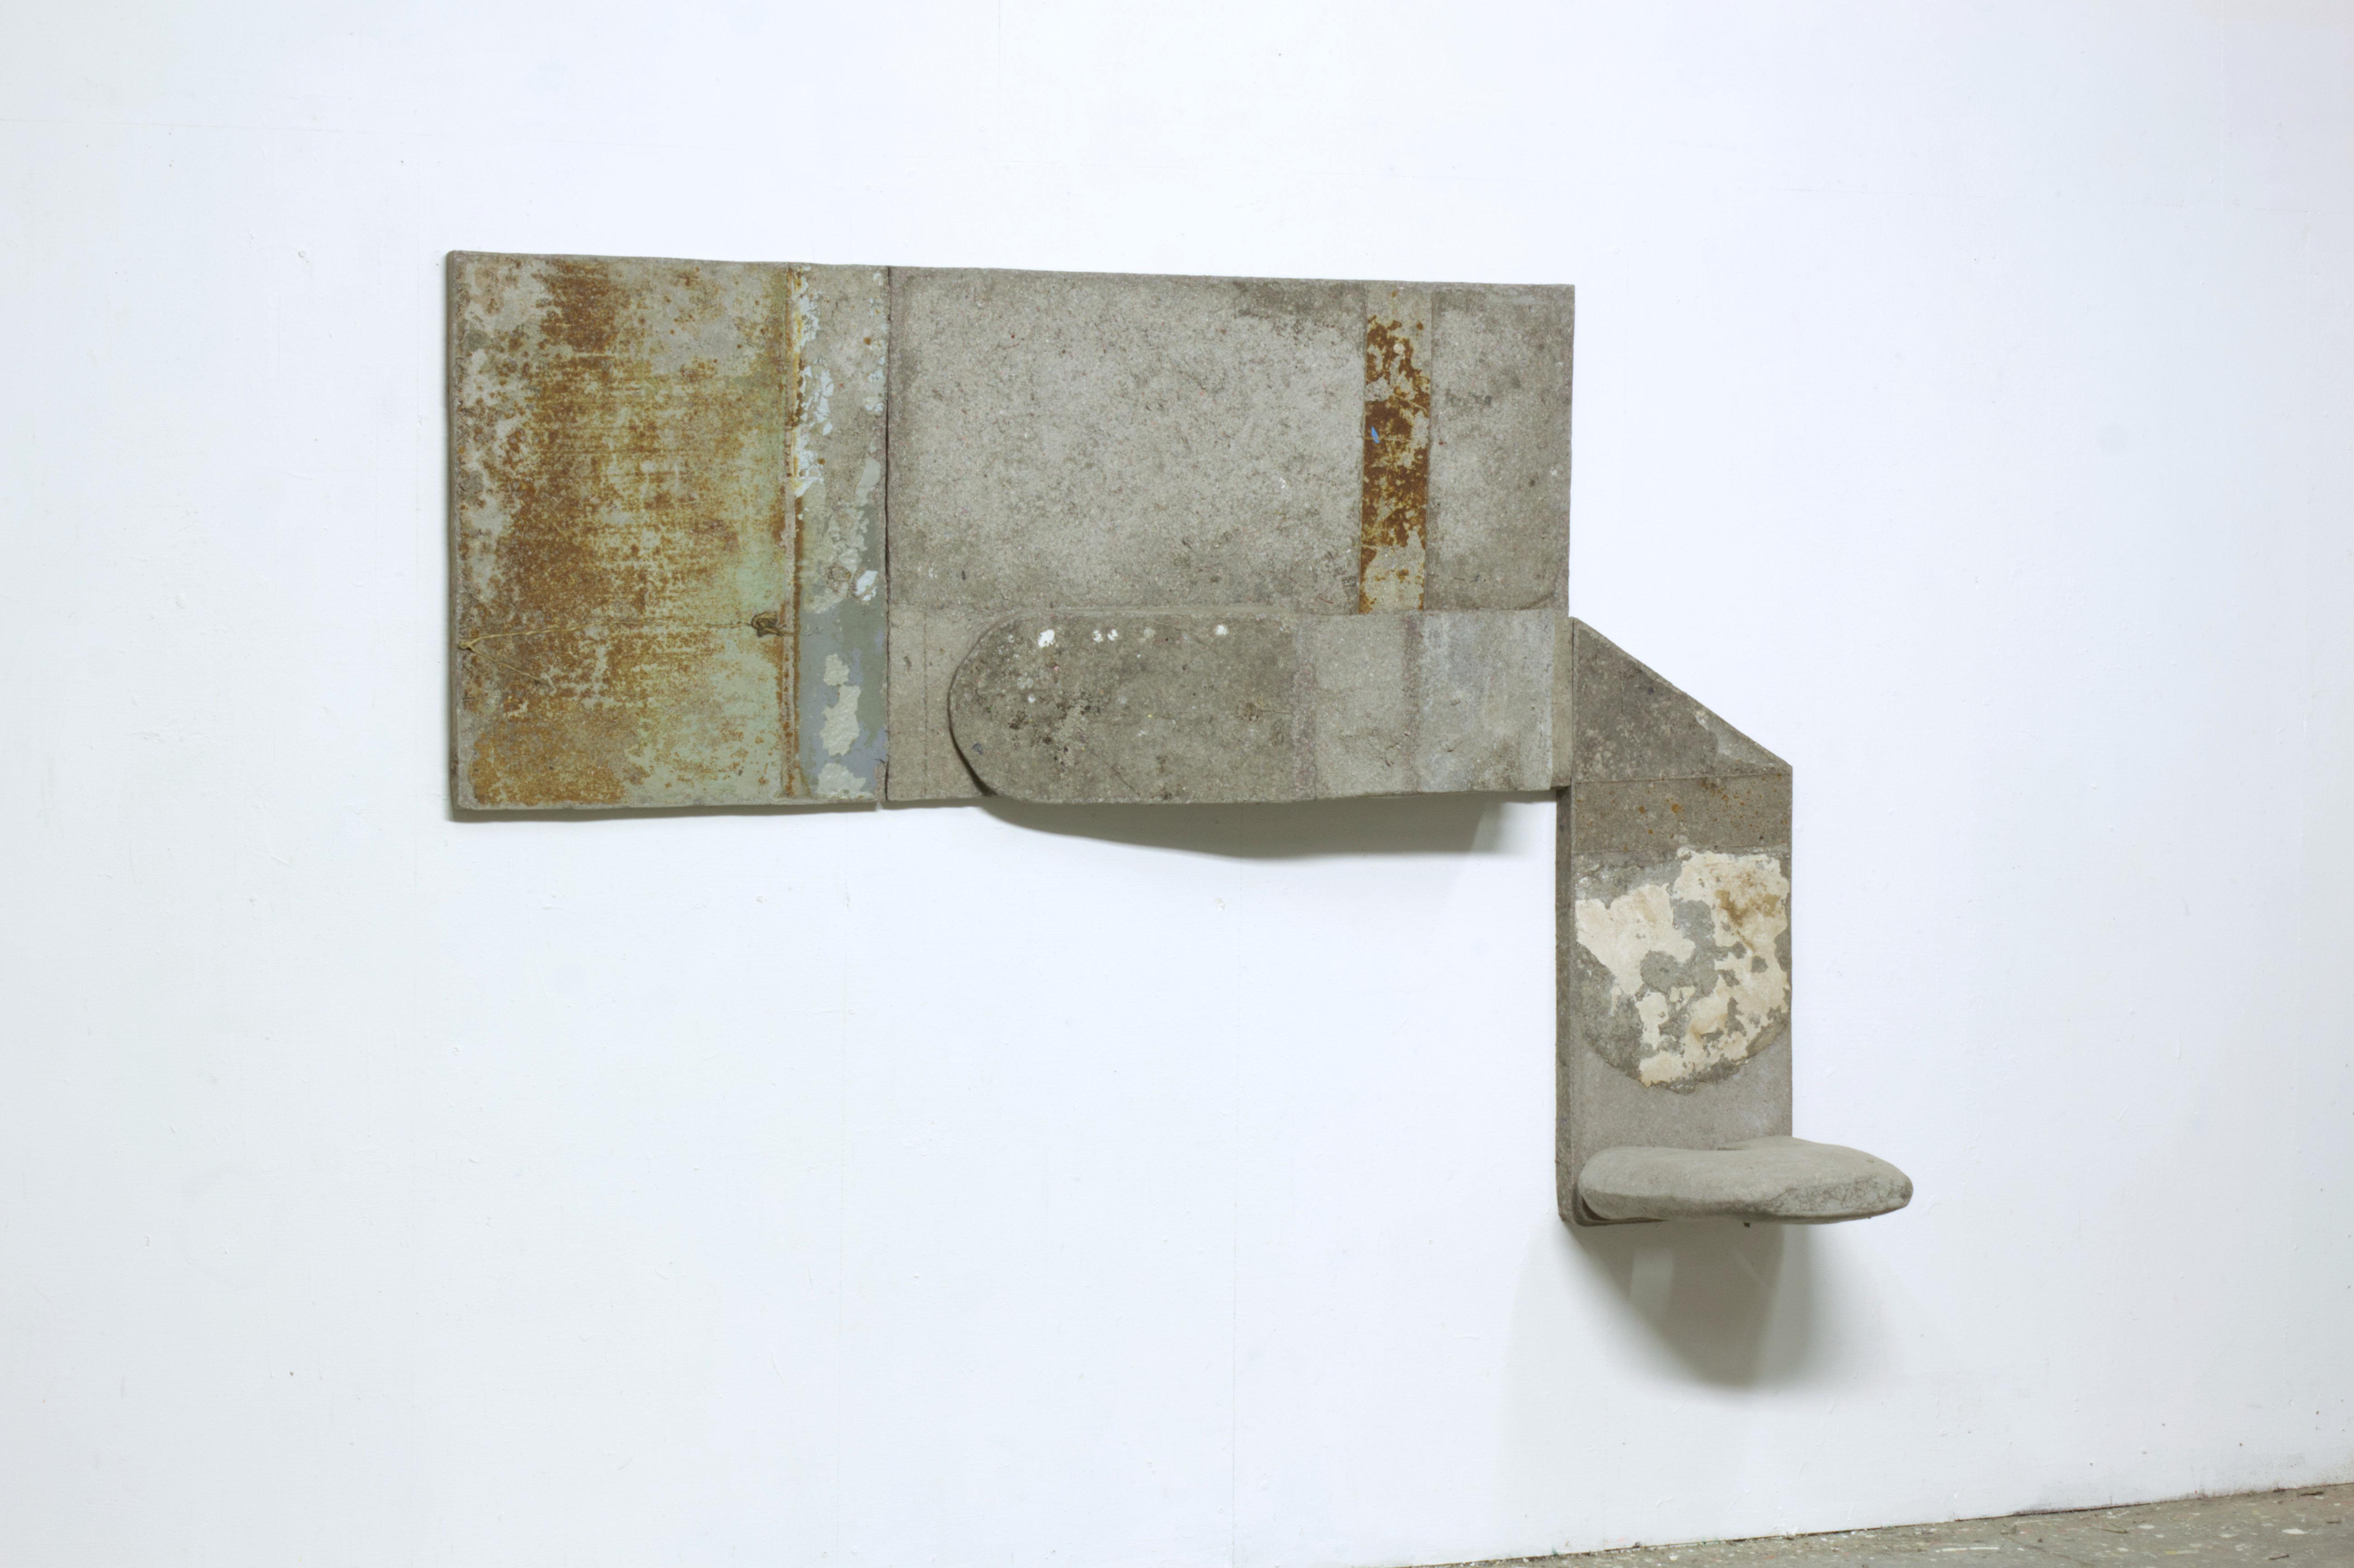 assistance-_-2020_-papermachewallimprints-_-220cm-150cm-40cm-_IMG_9205